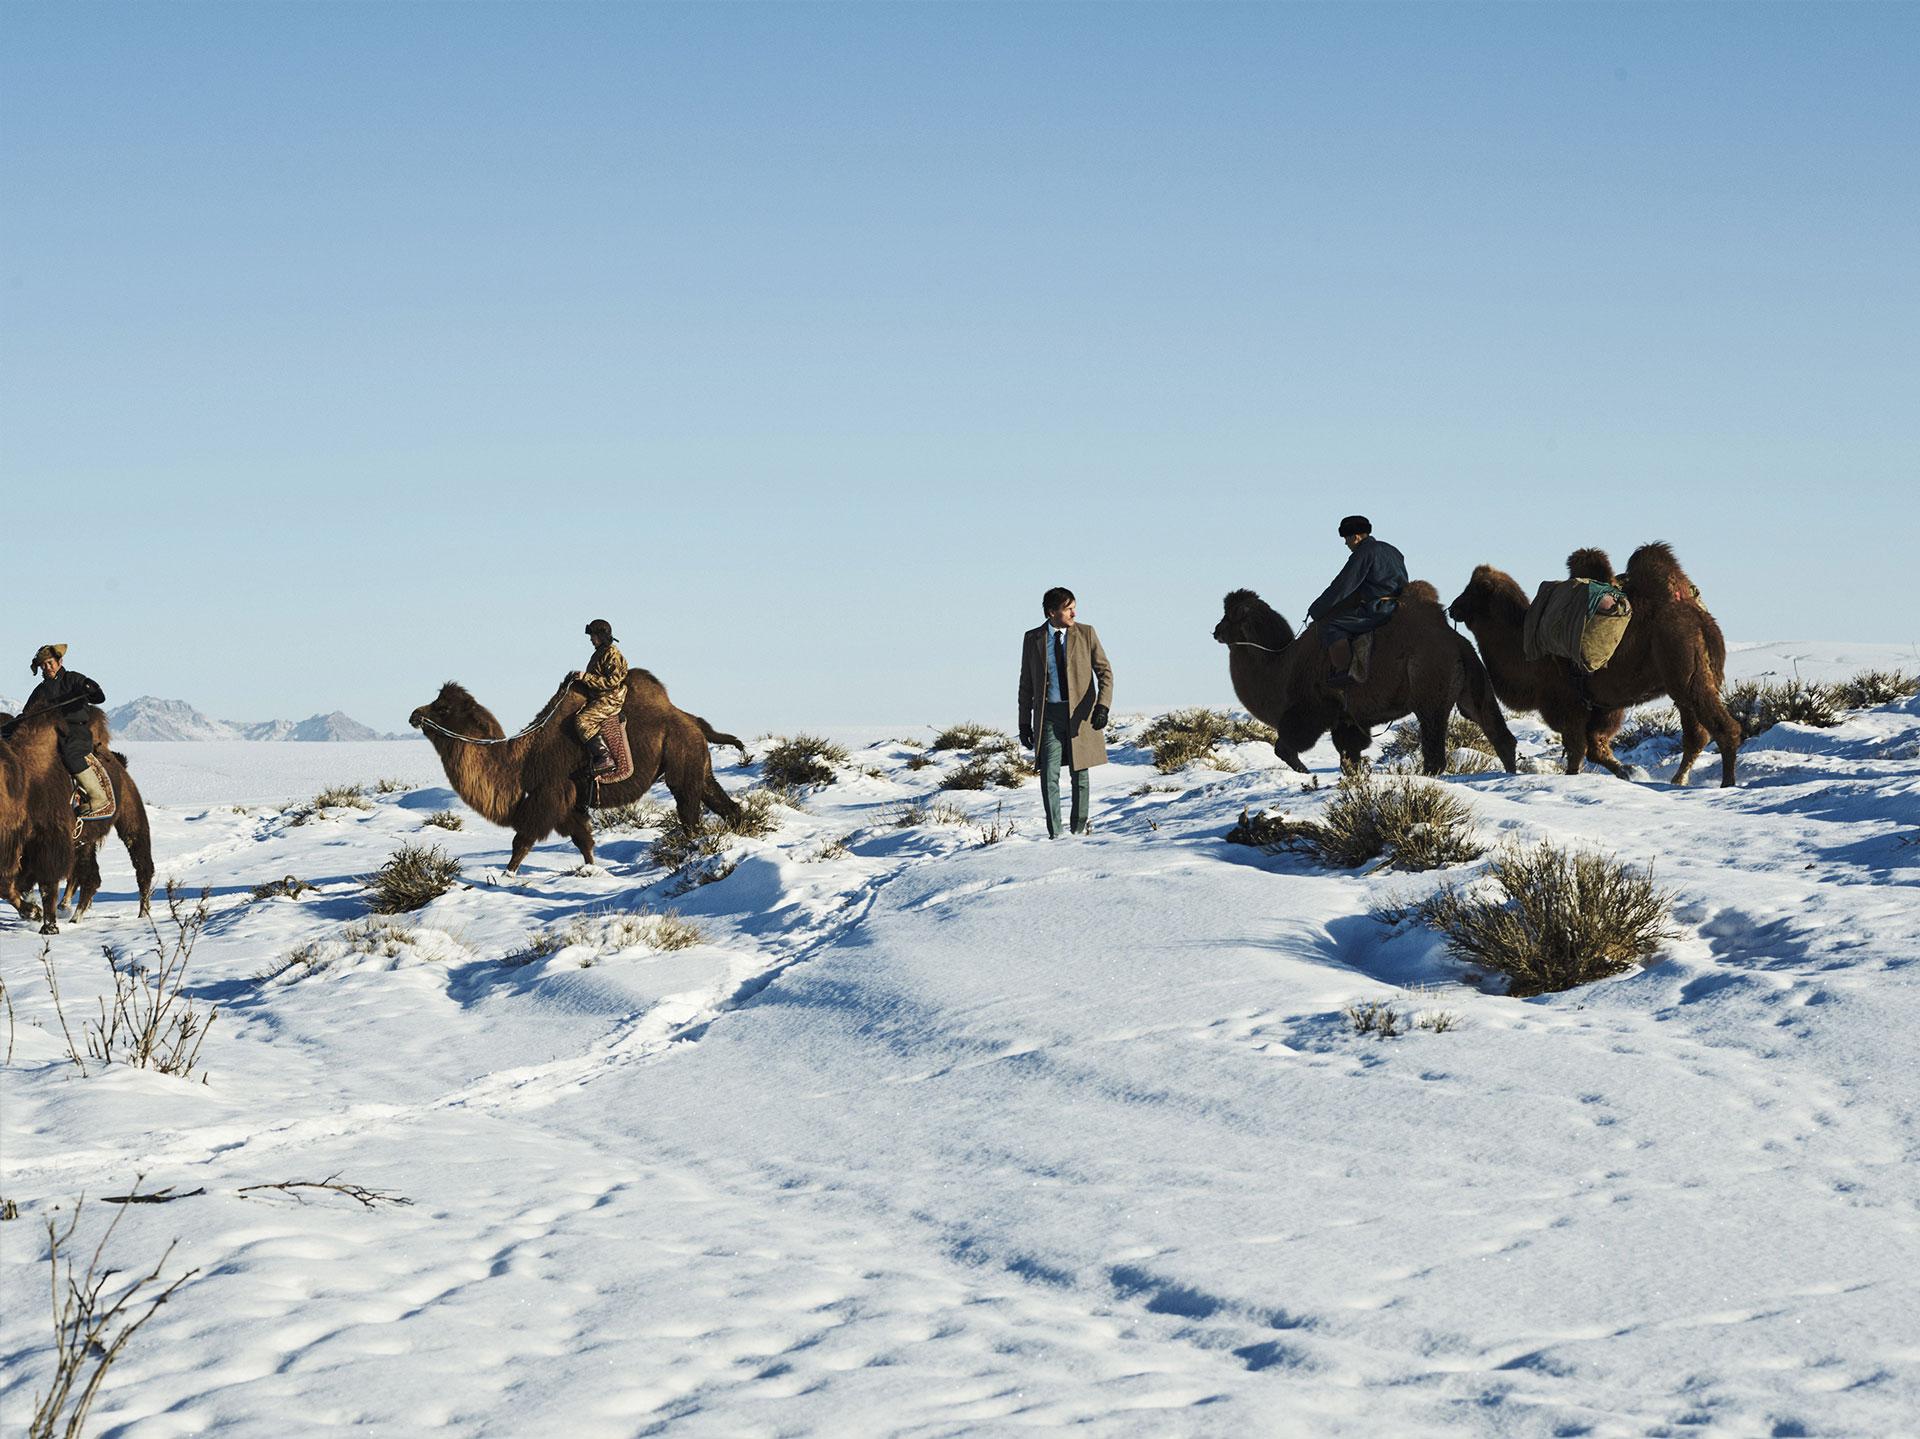 Floris loopt door de omringt door een karavaan aan kamelen